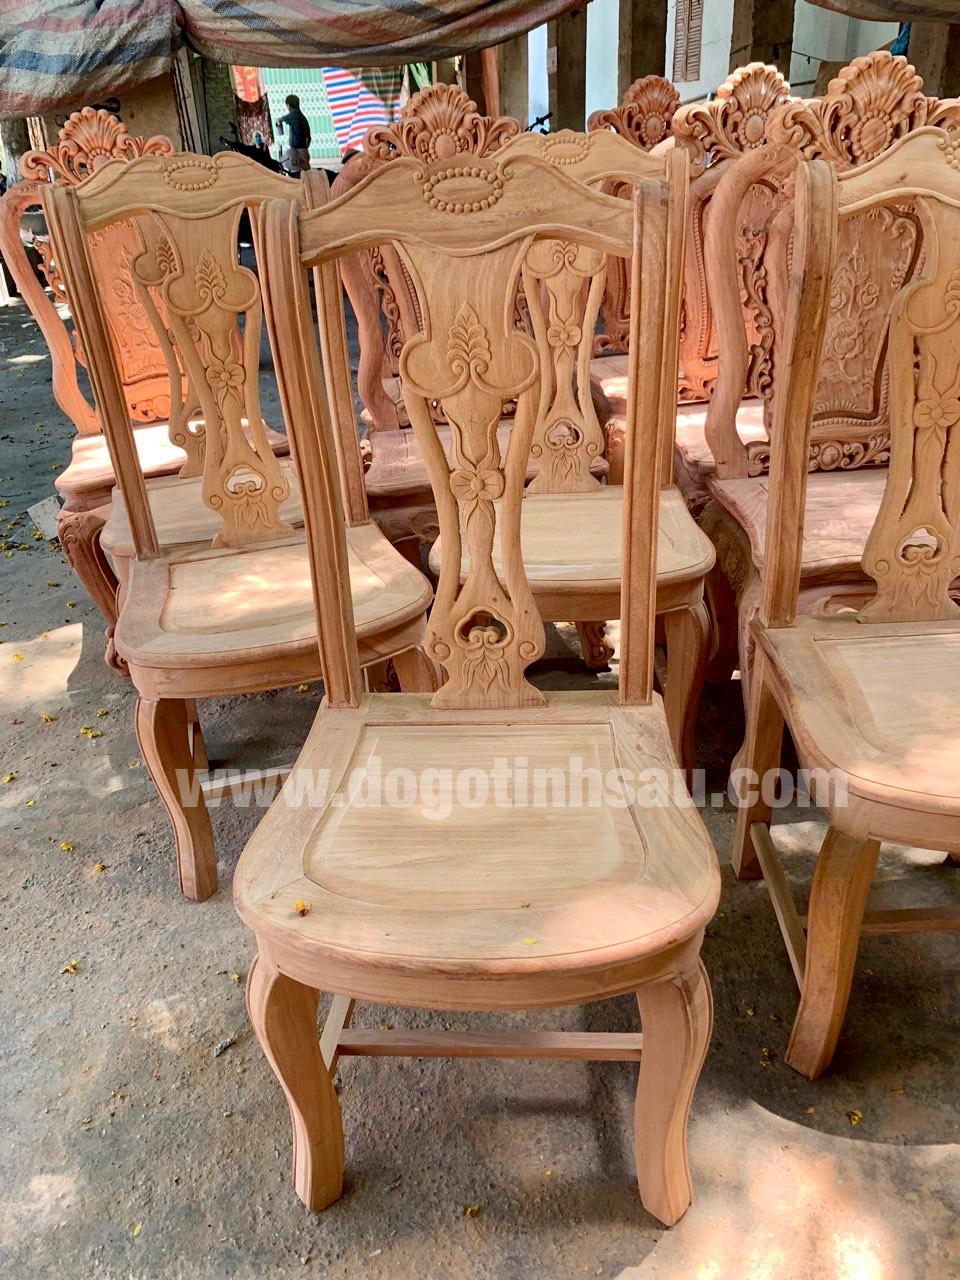 mau ghe an go go do 3 - 5 Lý do để mẫu bàn ghế ăn gỗ gõ đỏ ngày càng được ưa chuộng trên thị trường